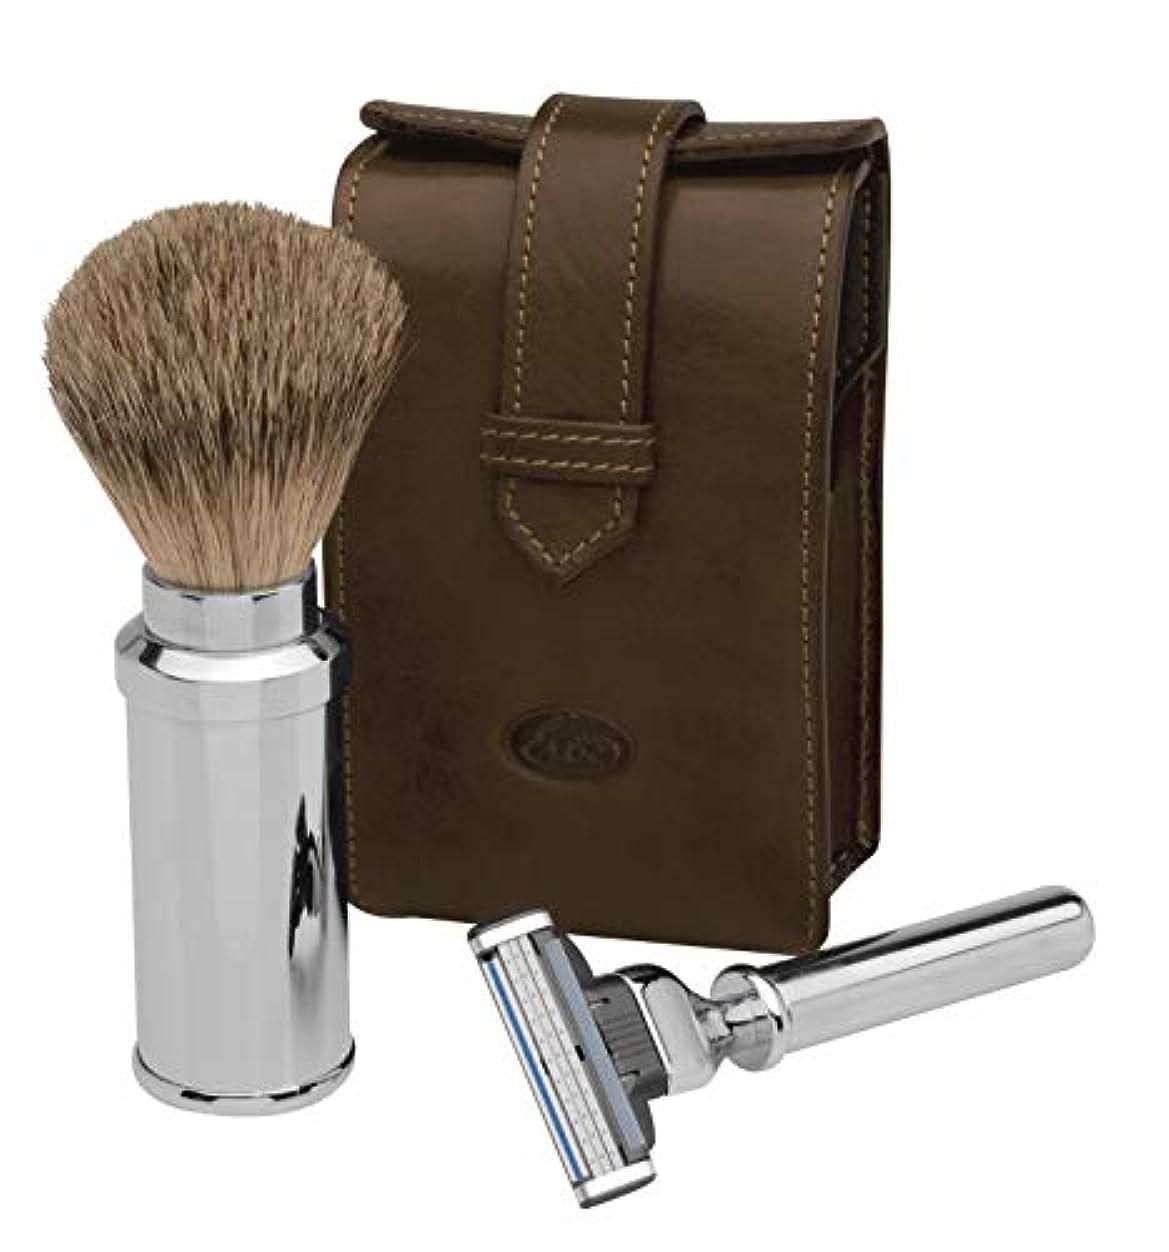 祖母赤コンサルタントErbe Travel Shaving Set, Razor and Shaving Brush in brown Leather Pocket